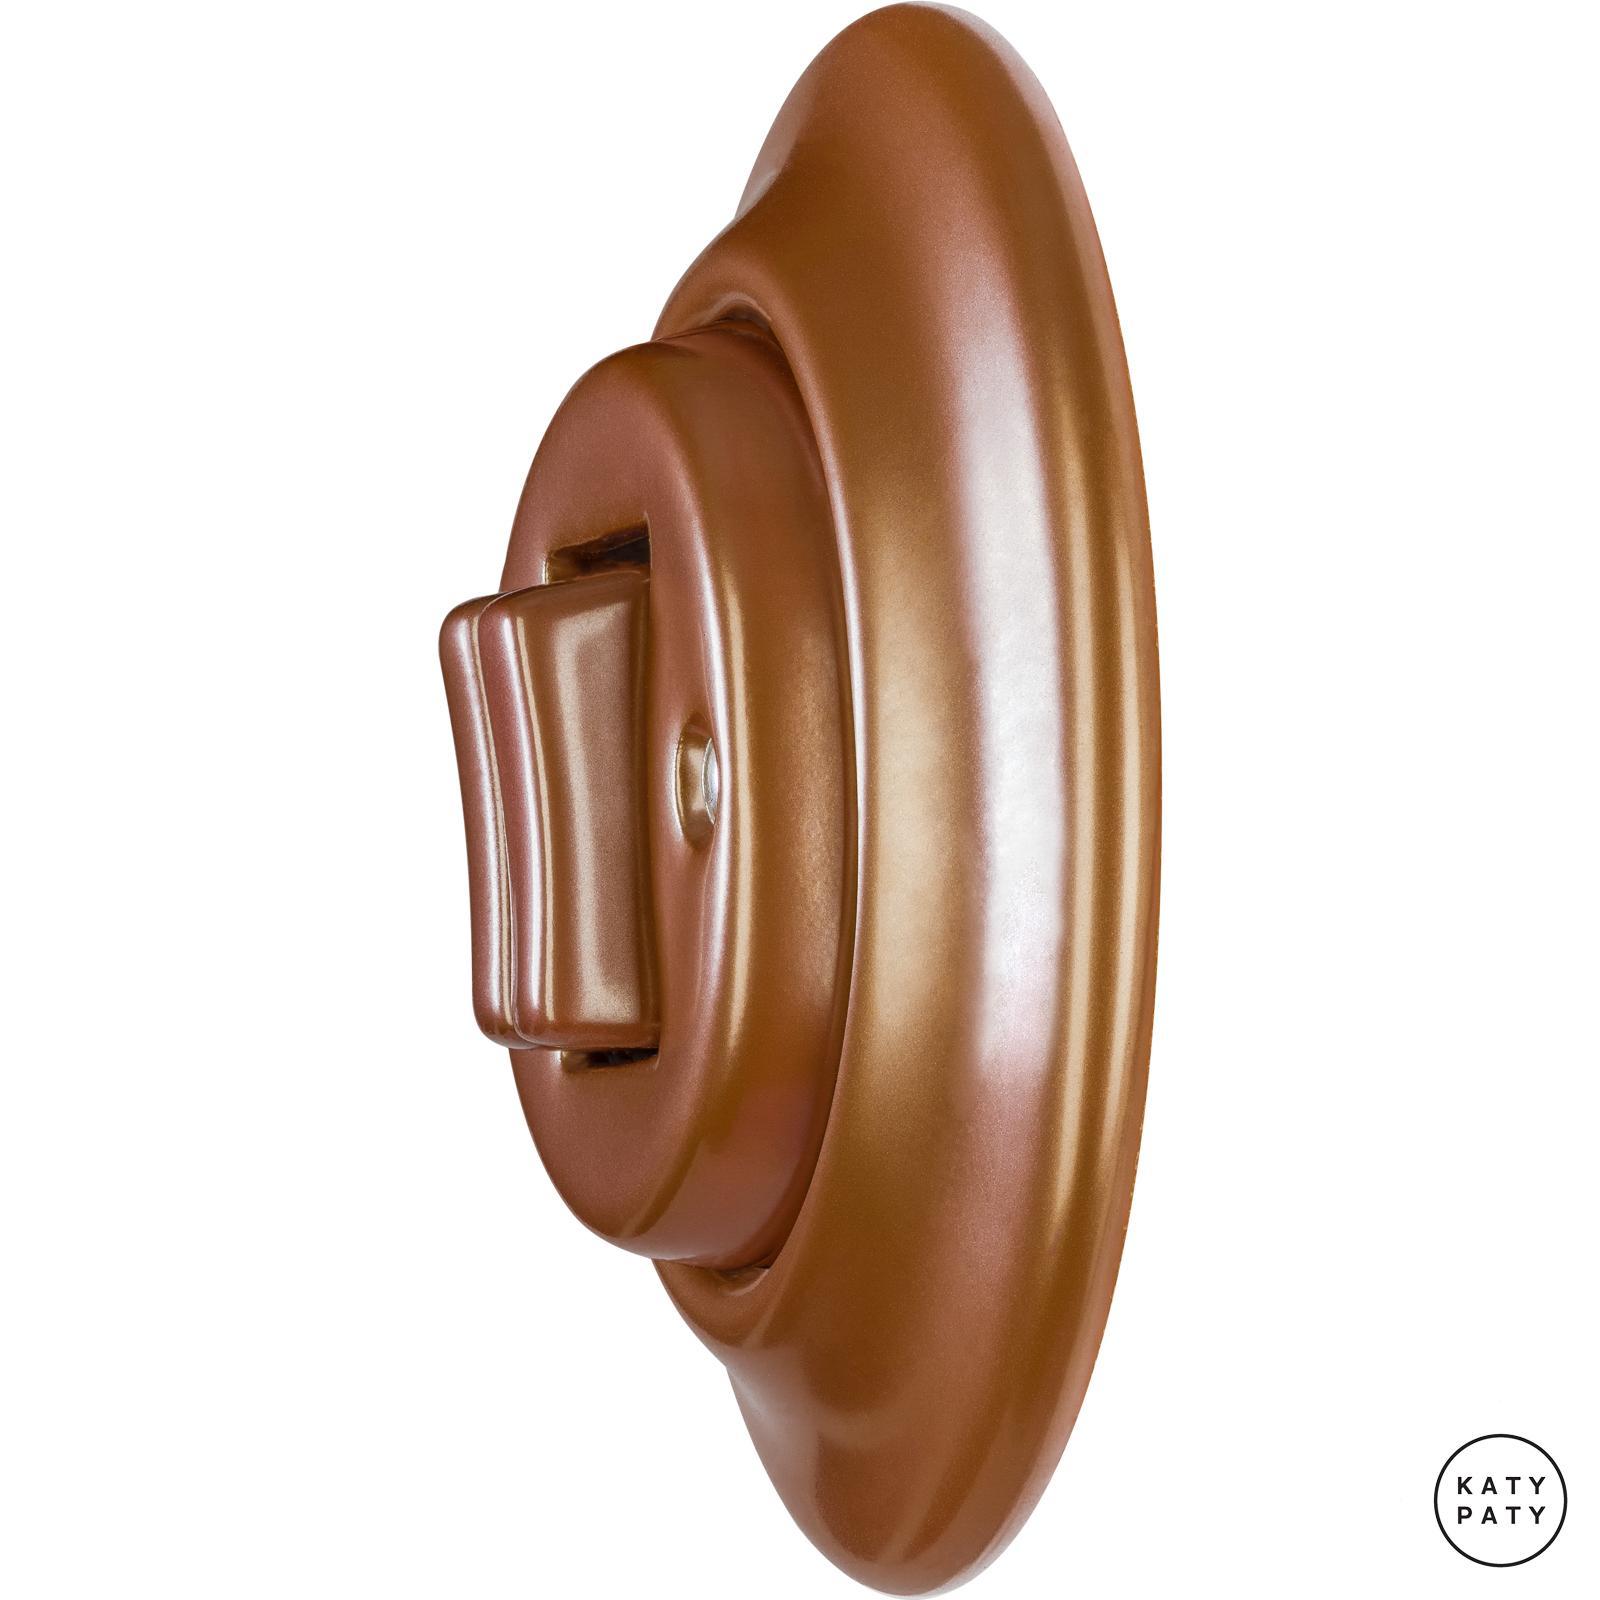 roo interrupteur en porcelaine clapet double cuprum. Black Bedroom Furniture Sets. Home Design Ideas